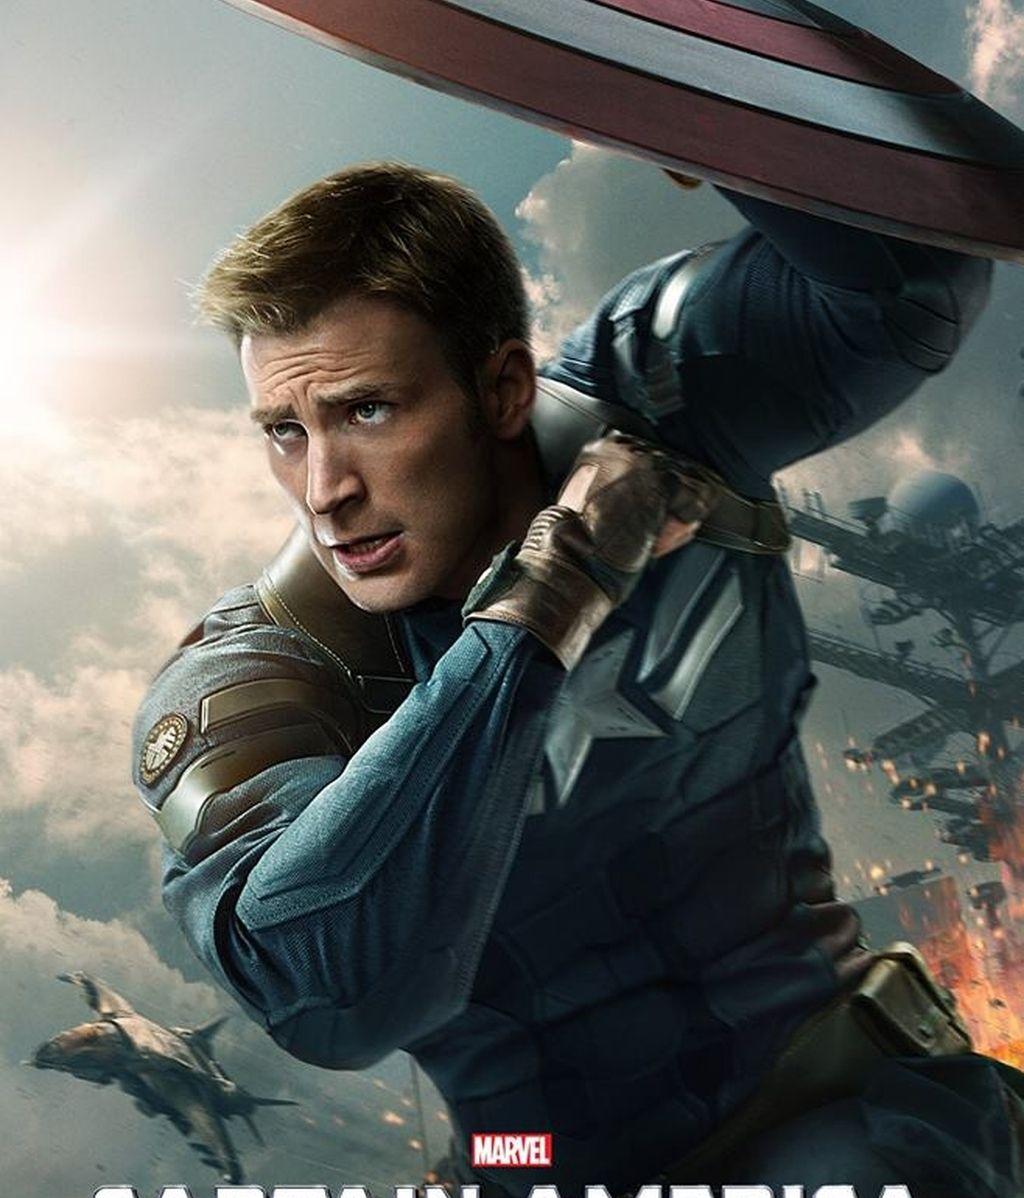 5. Capitán América: El soldado de invierno